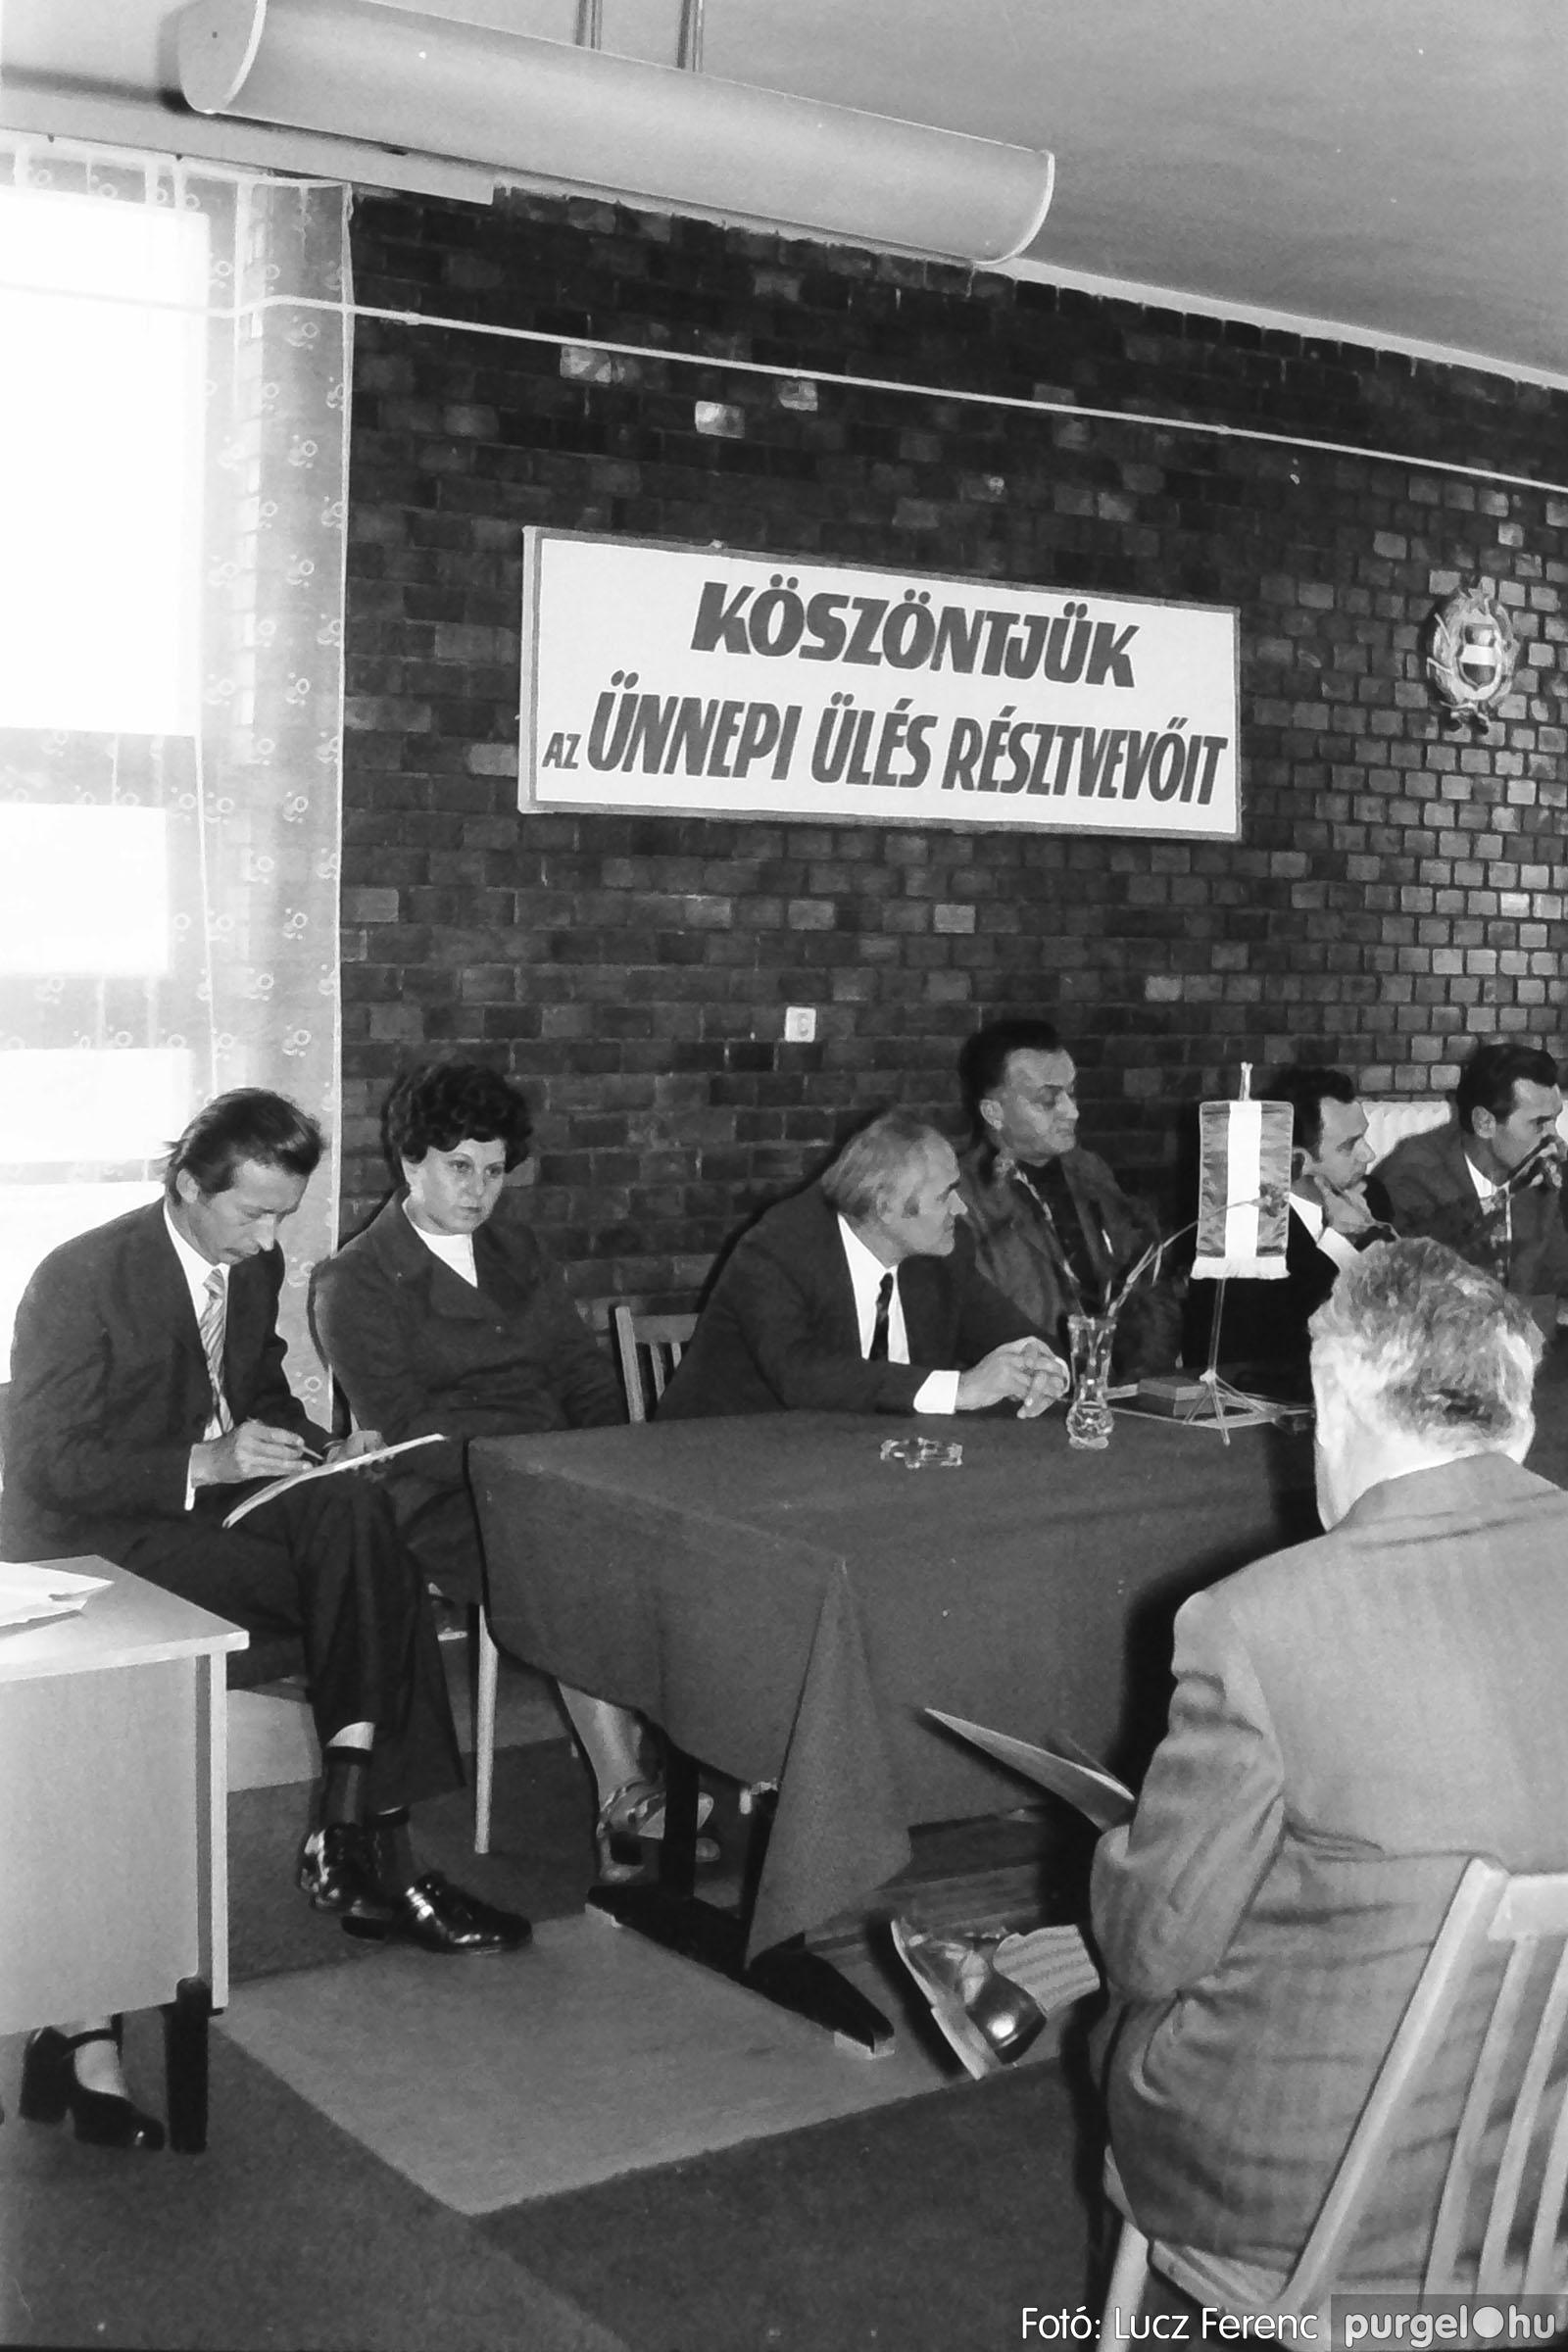 022 1975. Ünnepi ülés a tanácsházán 012 - Fotó: Lucz Ferenc .jpg